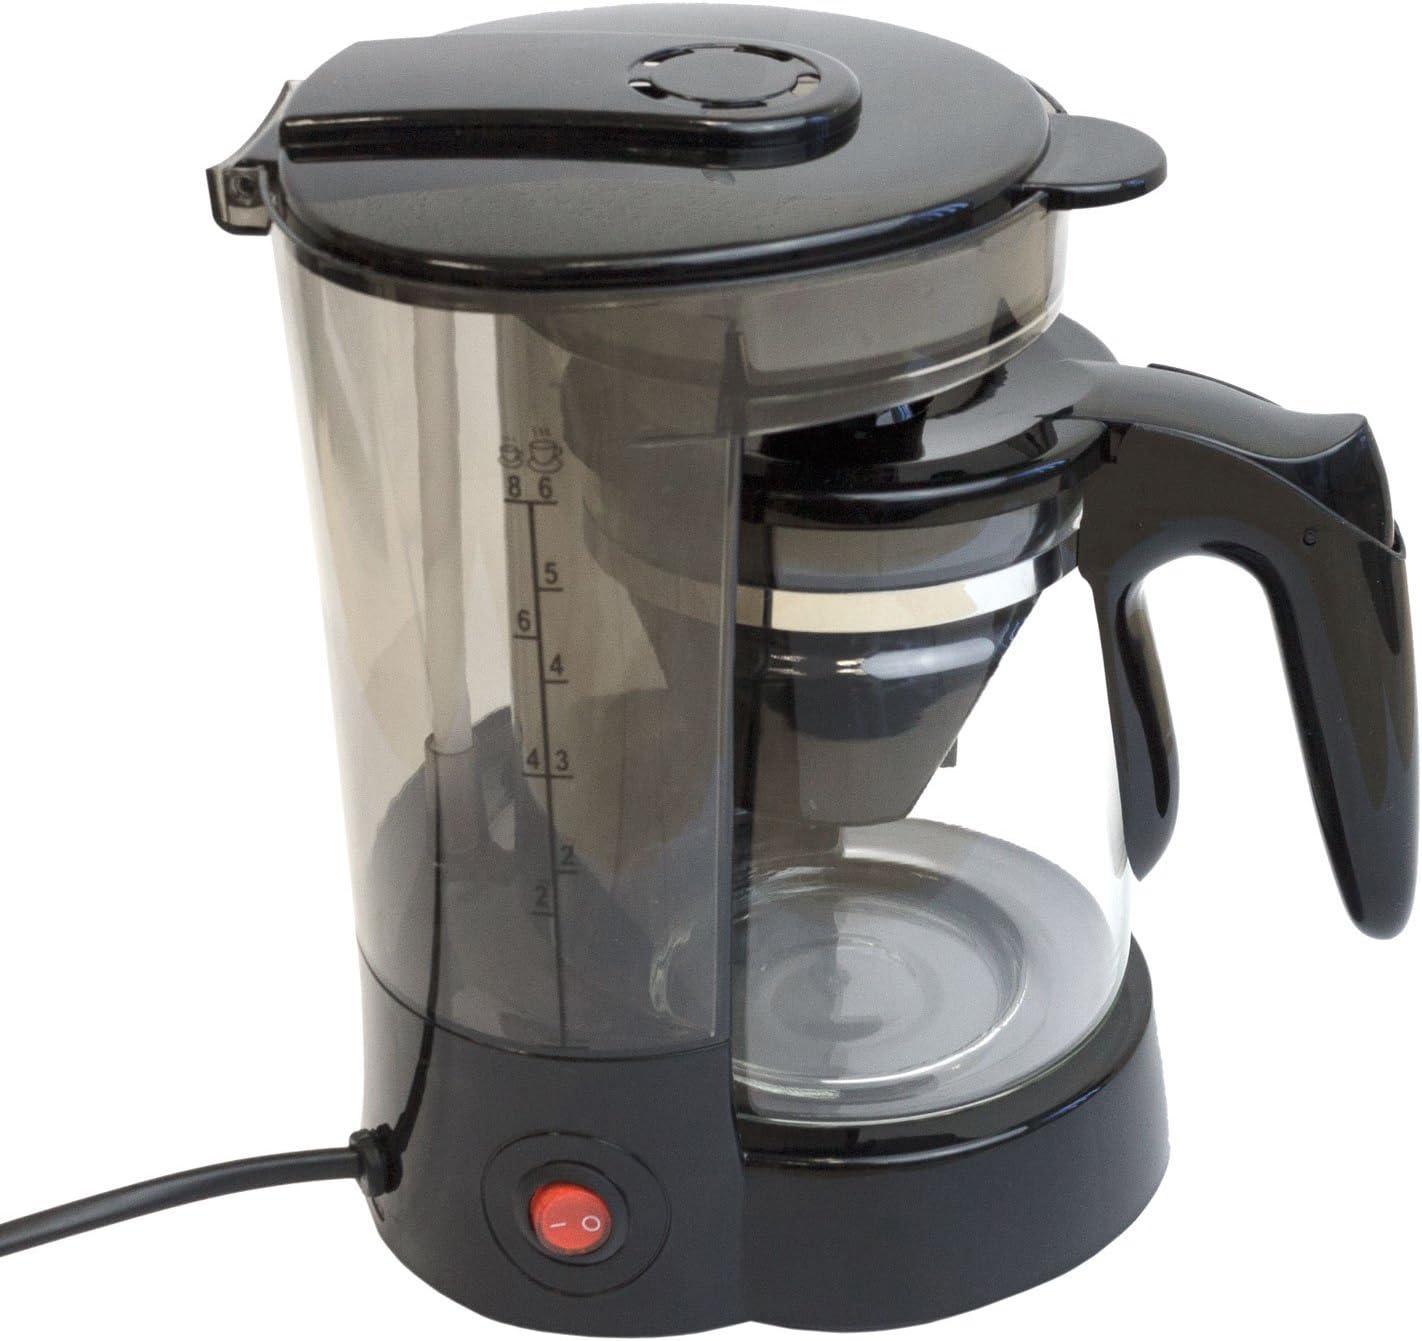 Cafetera con jarra de cristal (6 tazas/24 V/300 W Viaje Cafetera ...